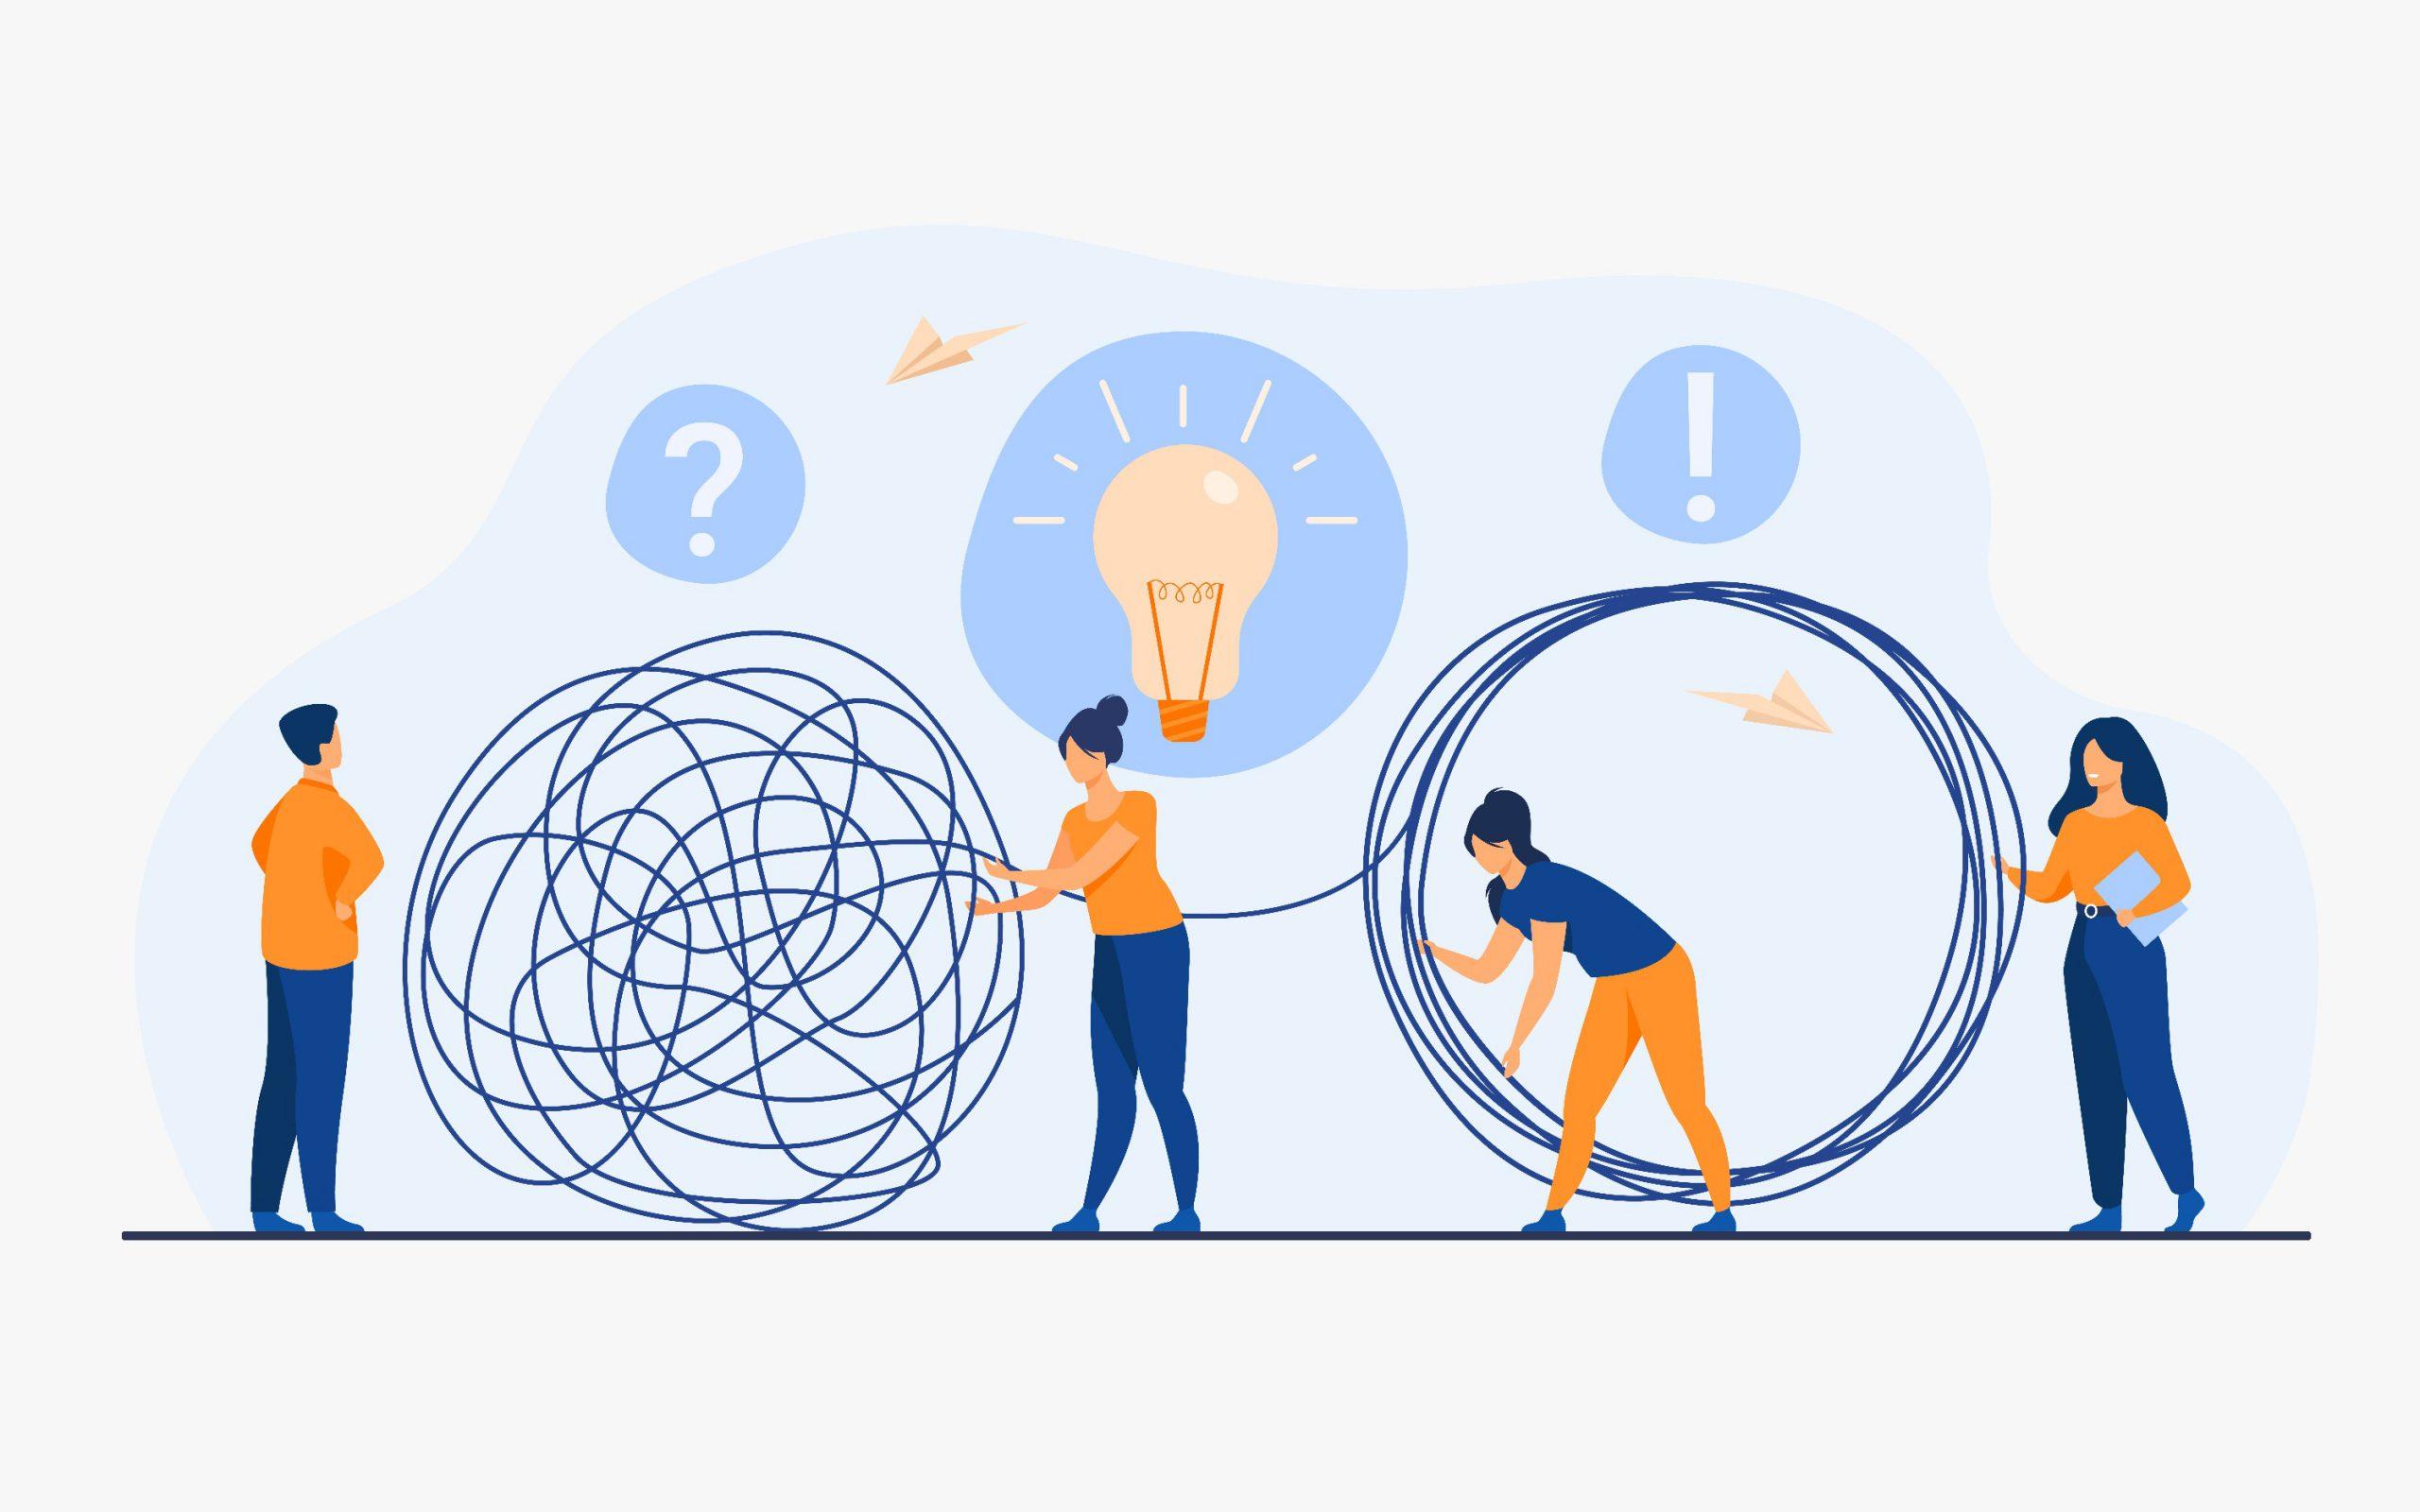 Équipe de gestionnaires de crise résolvant les problèmes des hommes d'affaires. Employés avec une ampoule démêlant l'écheveau. Illustration vectorielle pour le travail d'équipe, la solution,